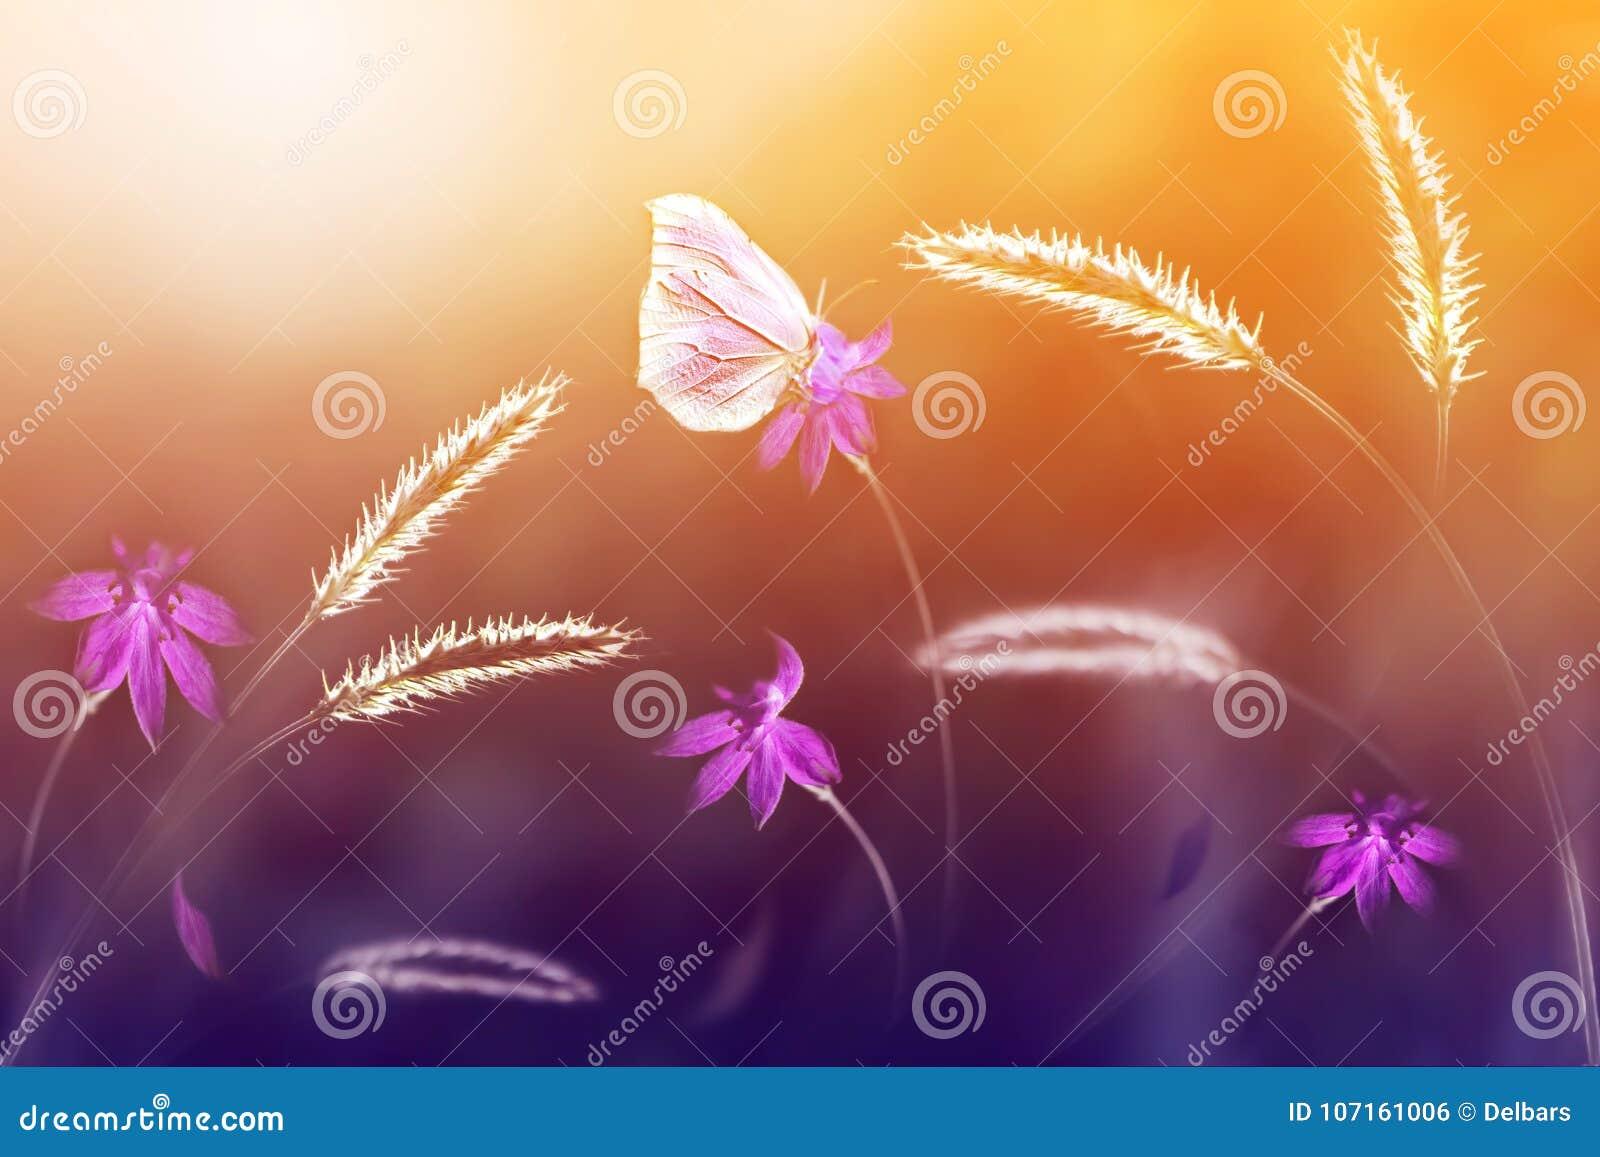 Mariposa rosada contra un fondo de flores salvajes en tonos púrpuras y amarillos Imagen artística Foco suave